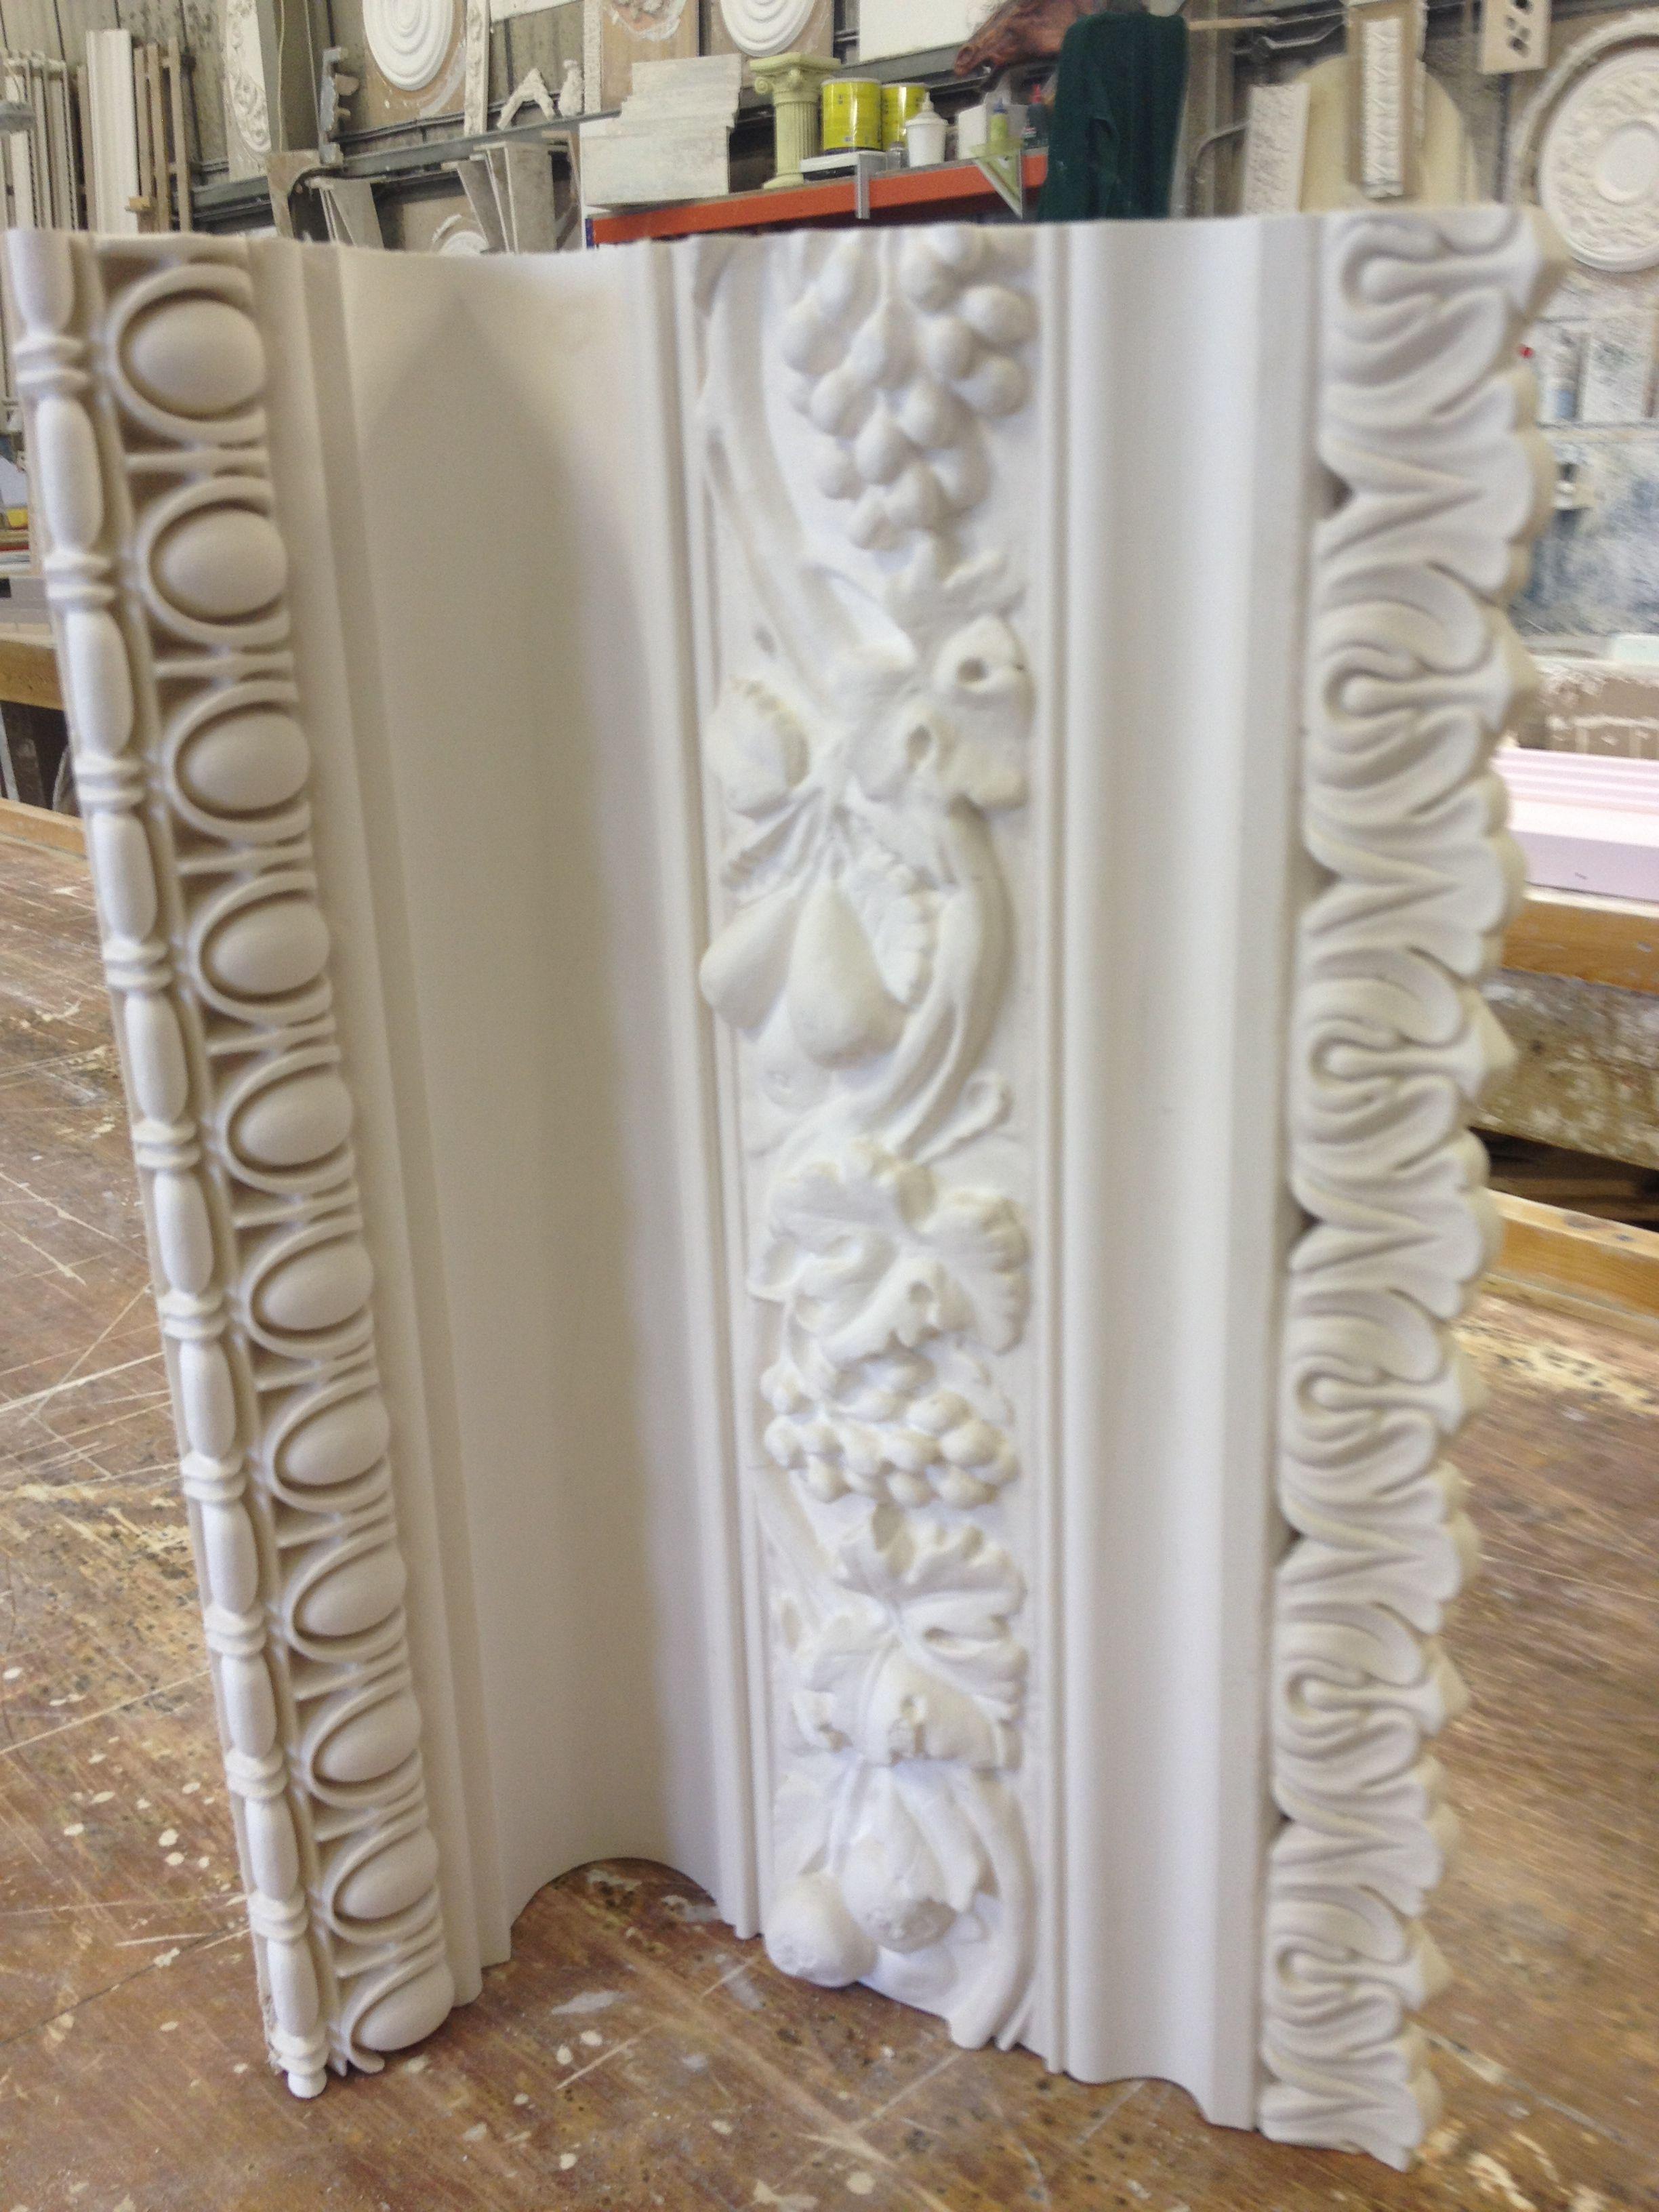 Cornice detail www.armcornice.co.uk Door frame molding